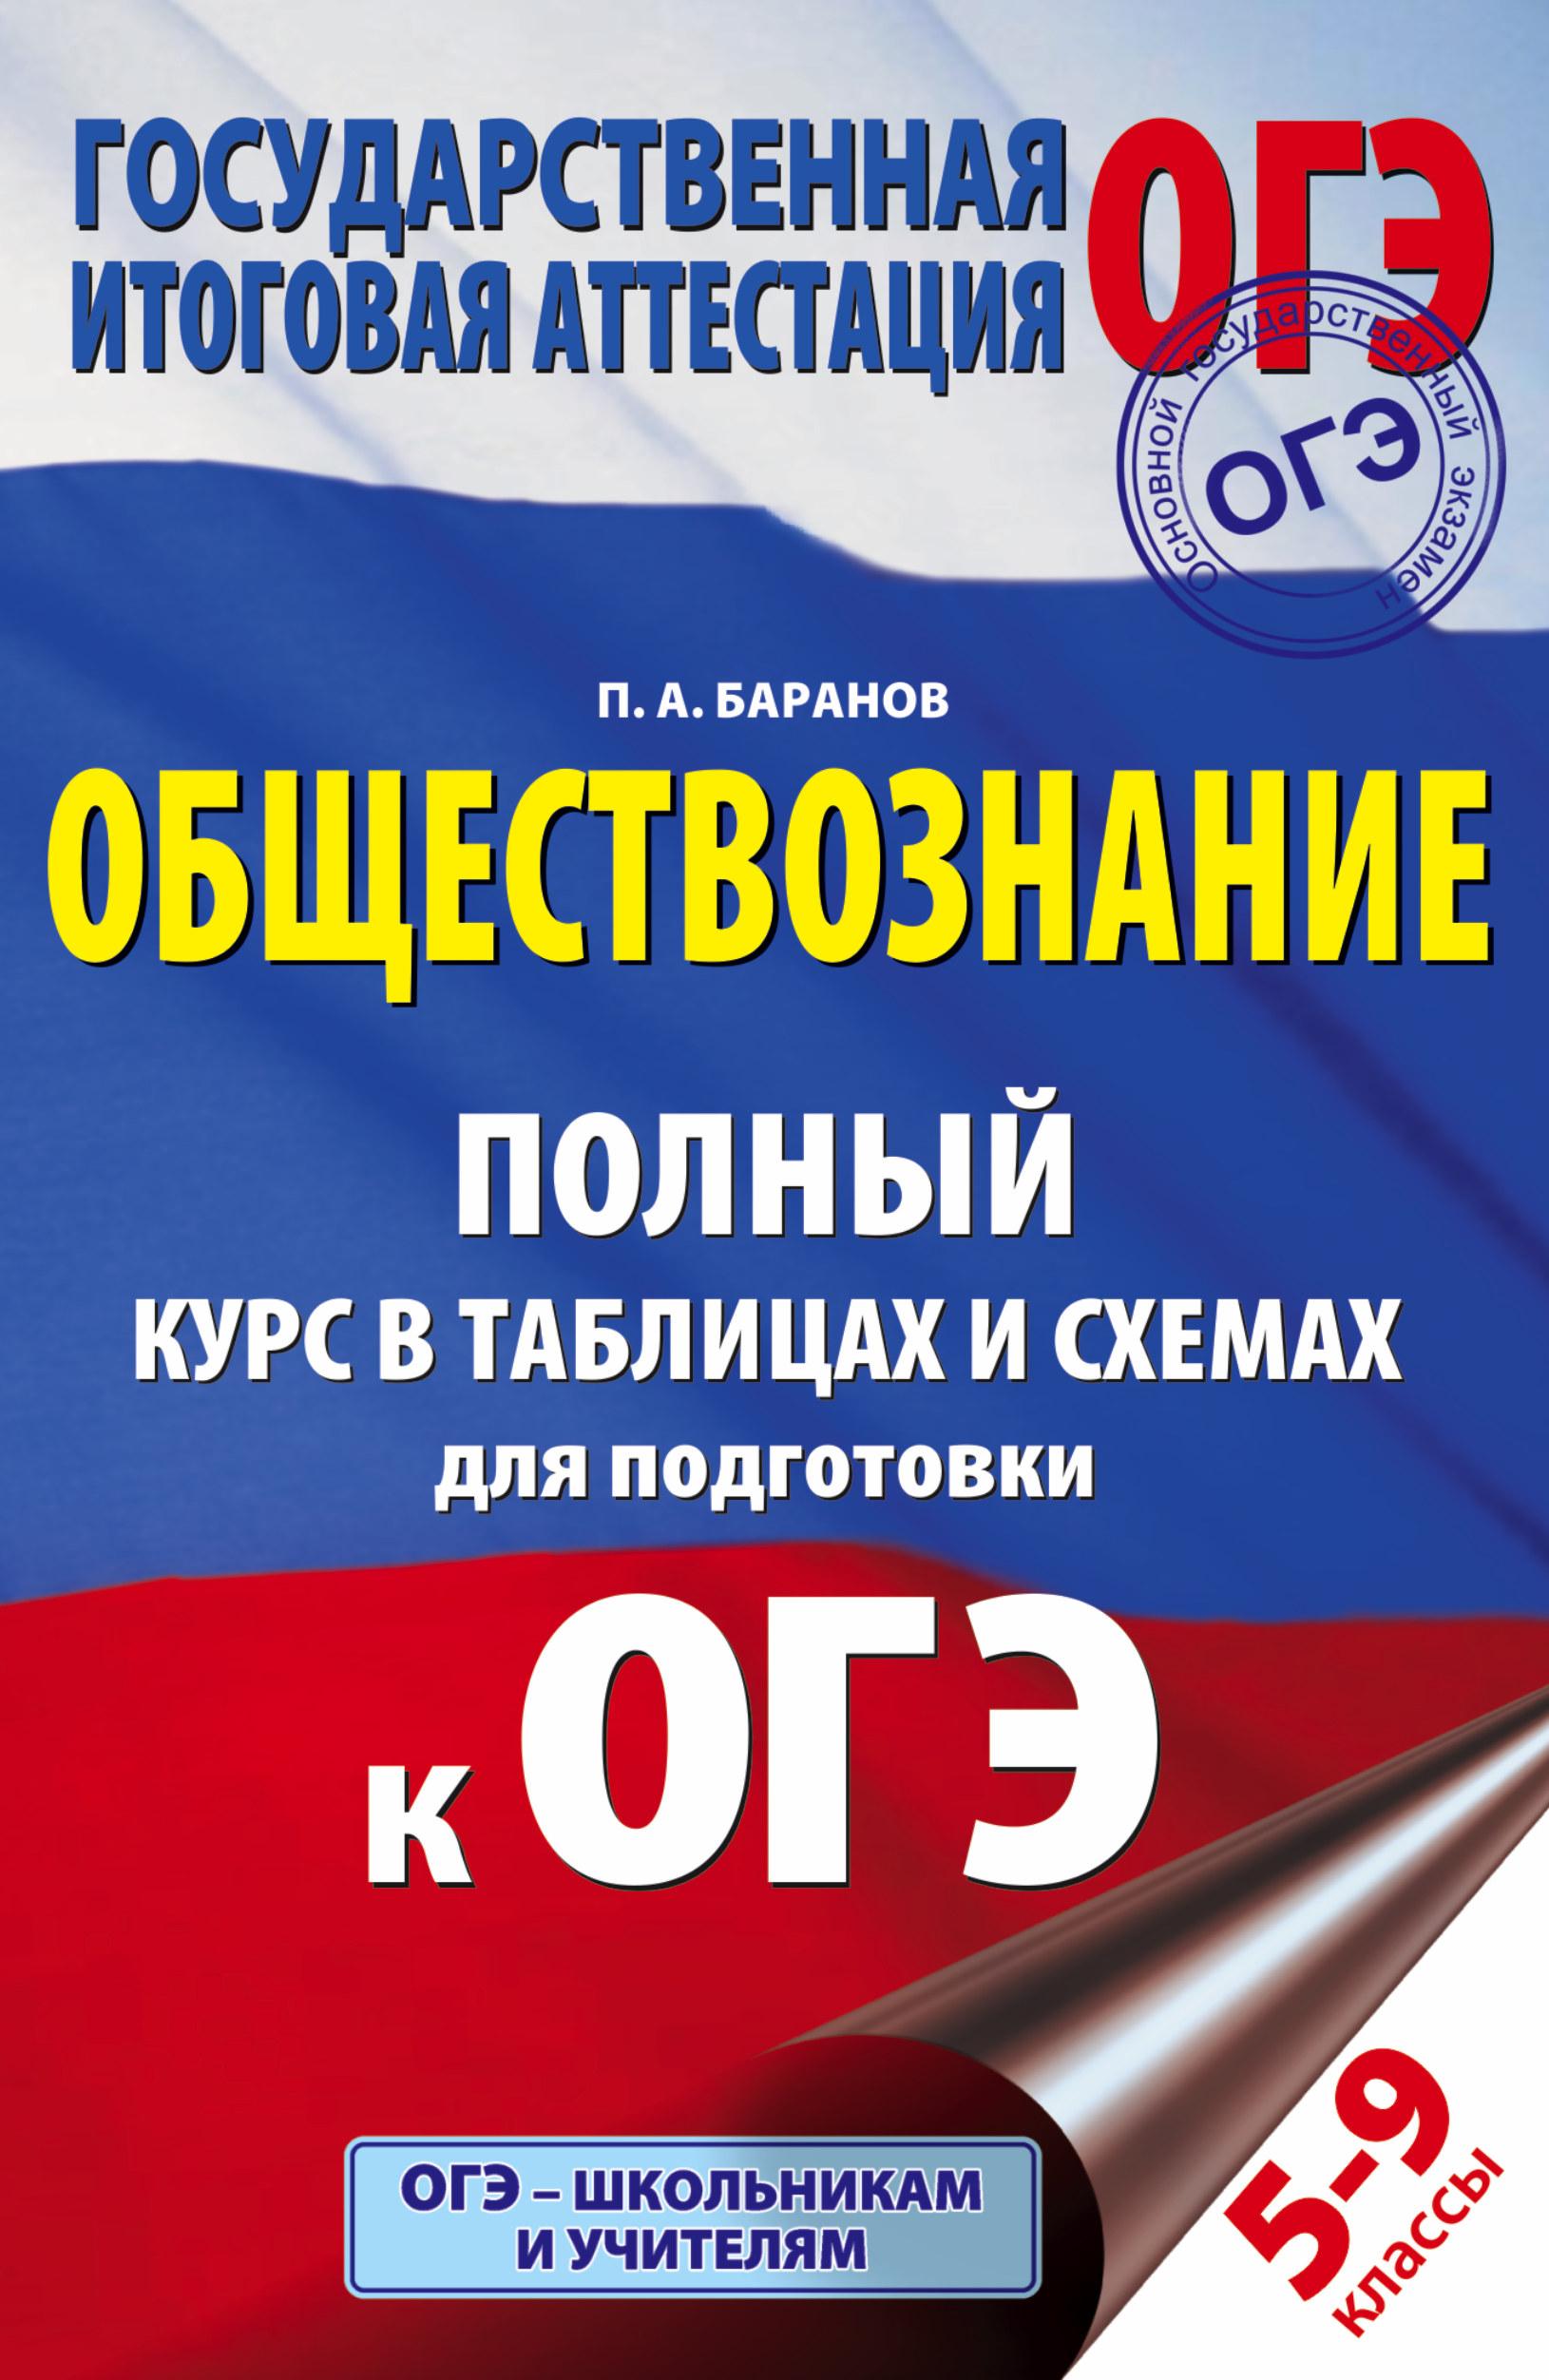 Обществознание. Полный курс в таблицах и схемах для подготовки к ОГЭ. 5-9 классы от book24.ru